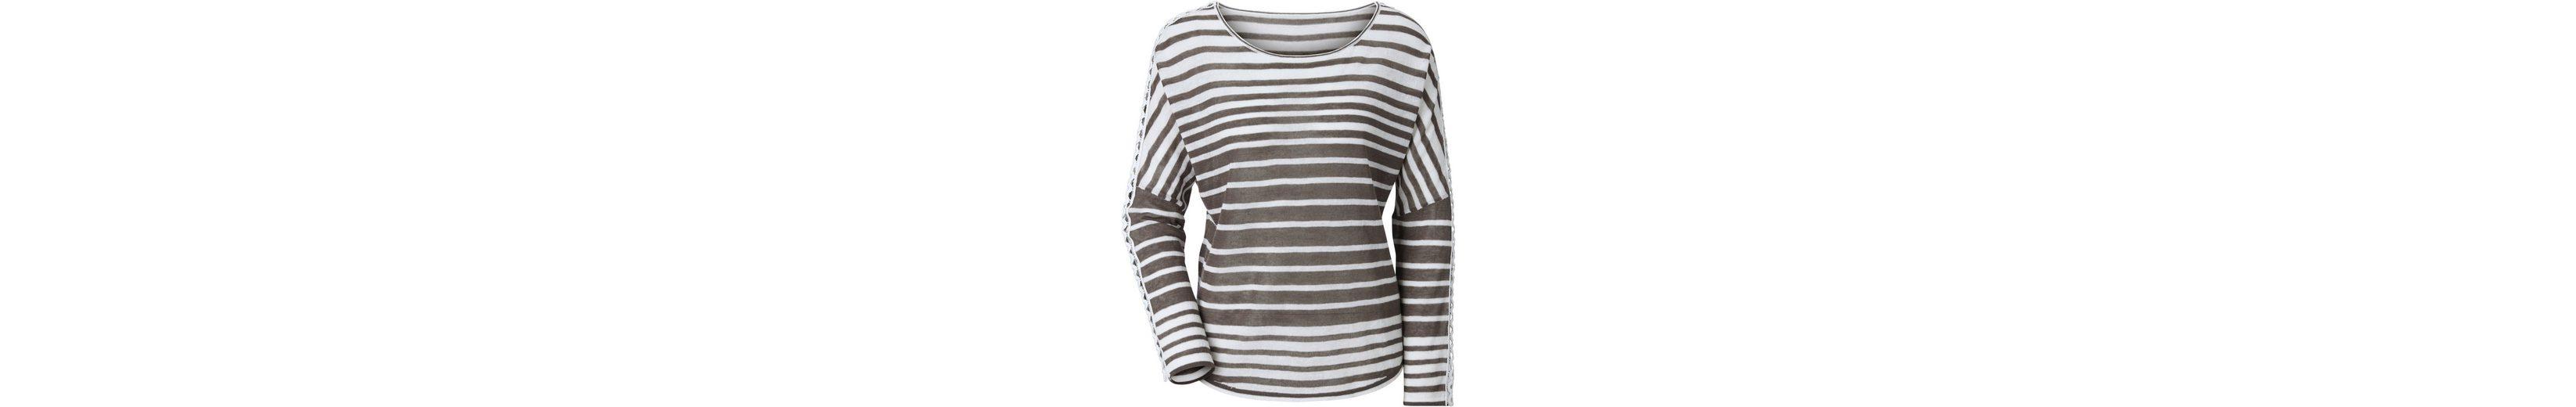 Création L Pullover im stimmigen Streifendessin Finish Zum Verkauf Günstiger Preis Auslass Laden Verkauf Rabattpreise Original Günstiger Preis XXA9kT